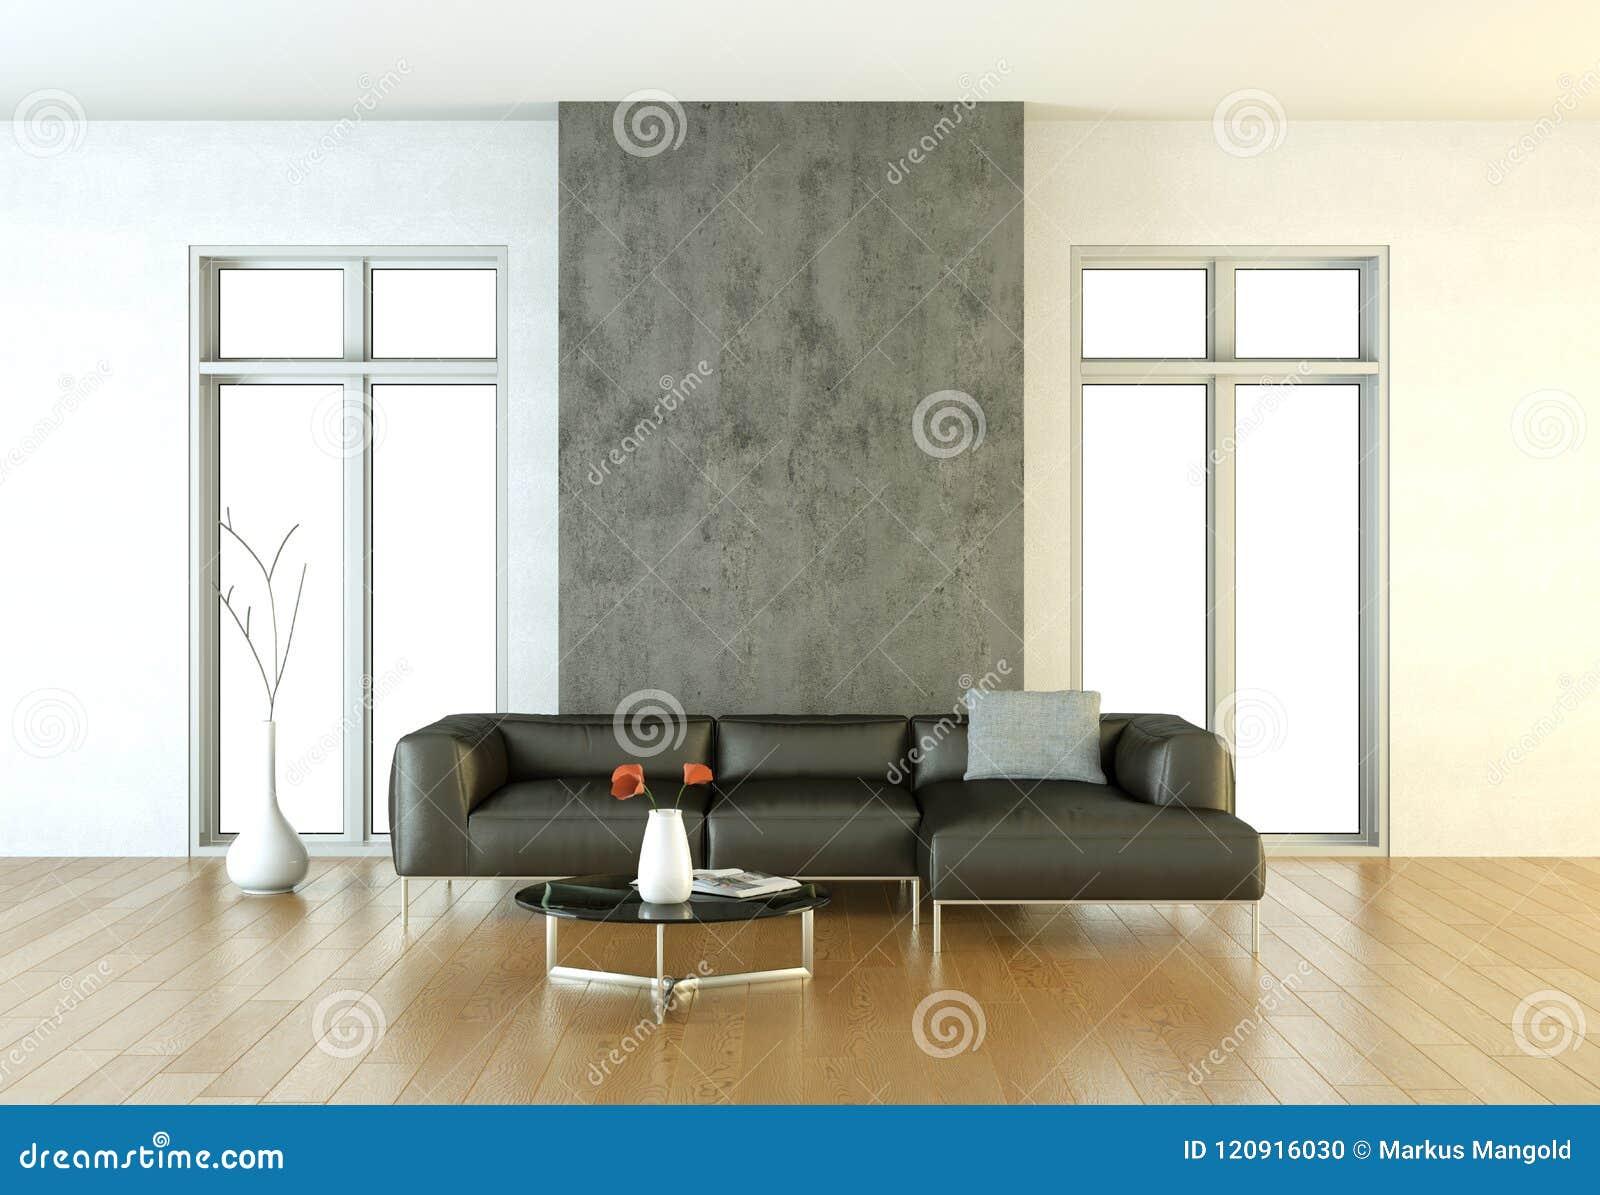 Sala brilhante moderna do design de interiores com sofá preto